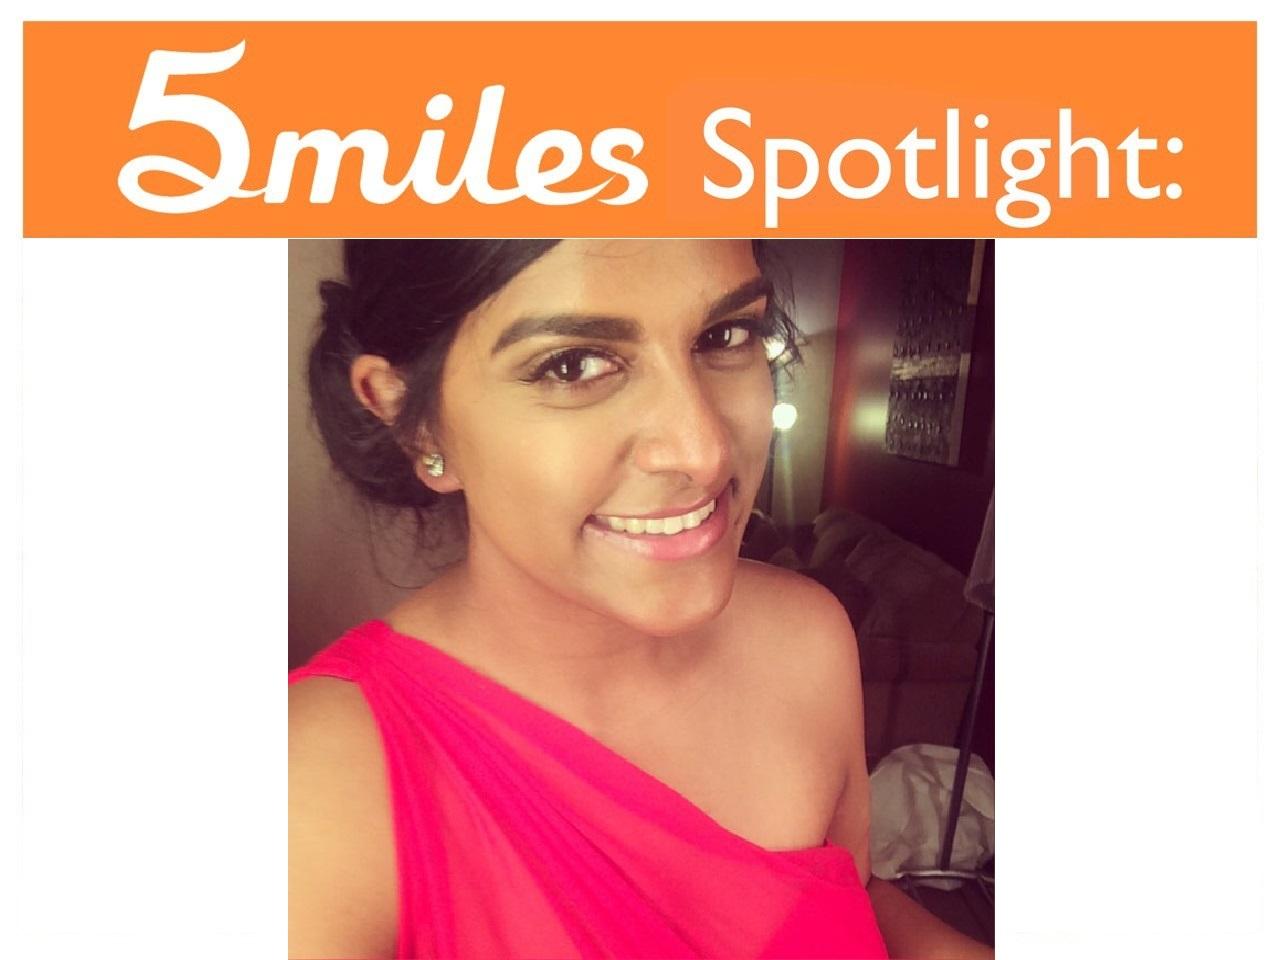 5miles Spotlight - Soniyaben Patel